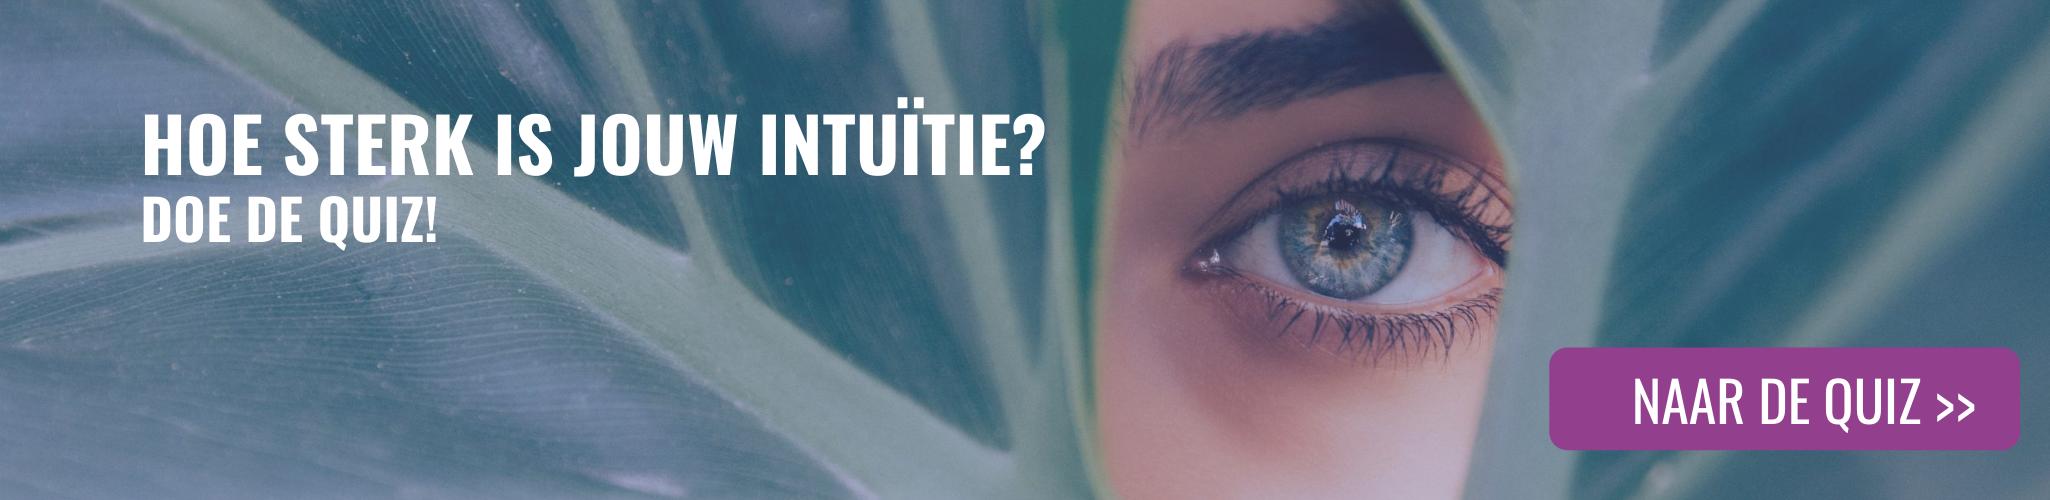 Intuitie Quiz